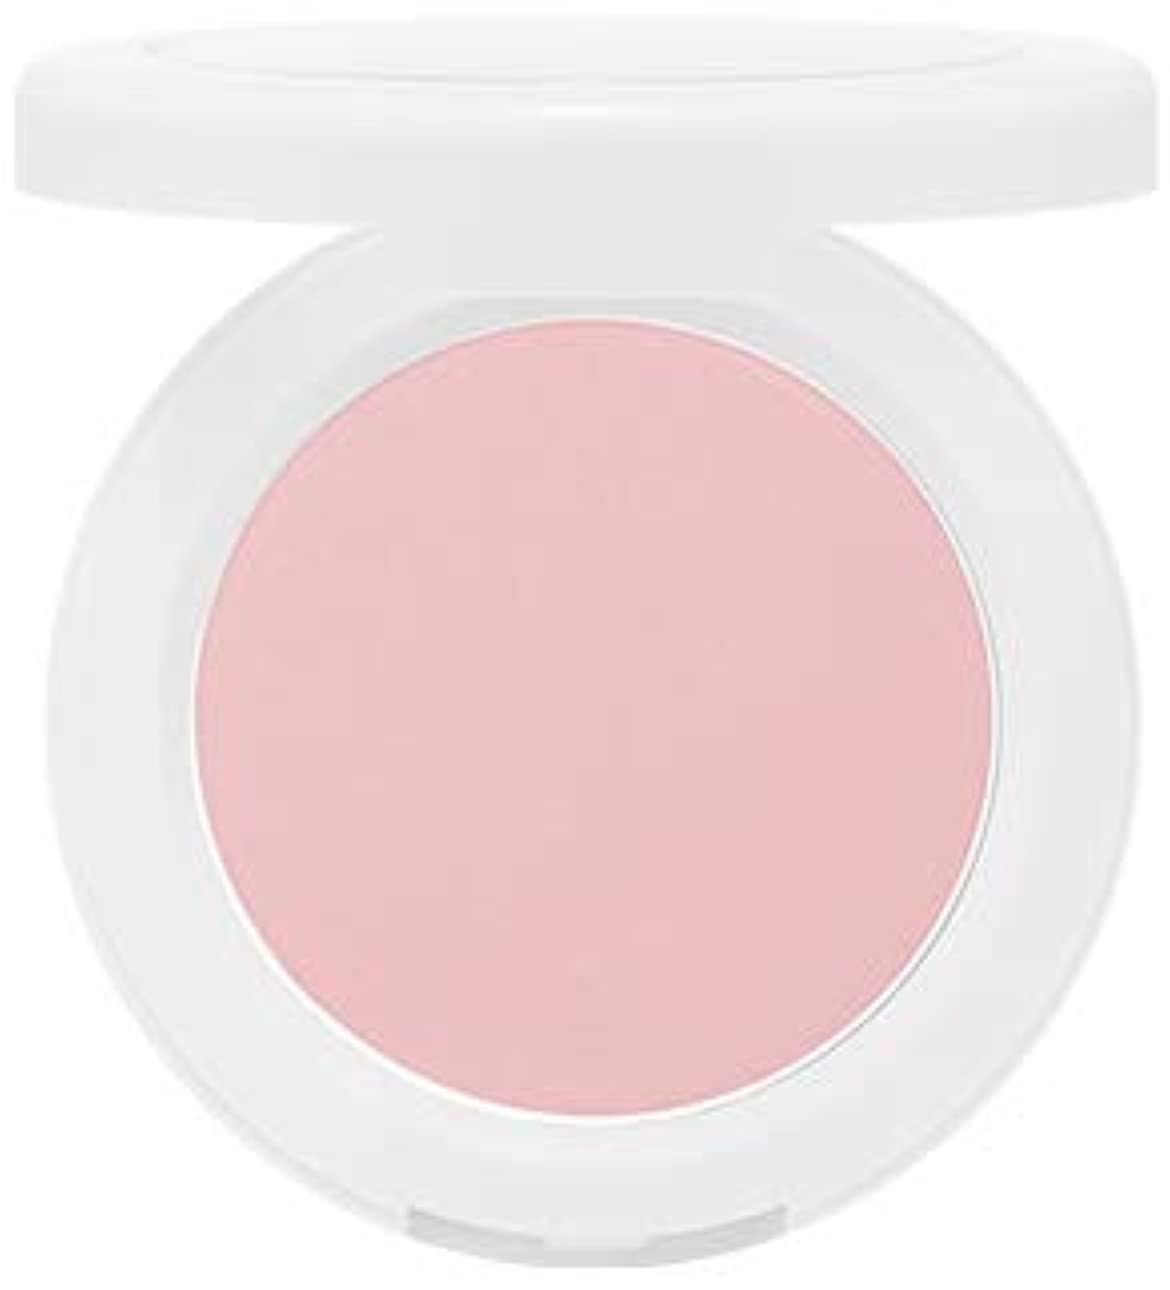 目覚めるホット食品【APIEU】パステルブラッシャー 4.5g/ Pastel Blusher[Beauti Toppin] VL02